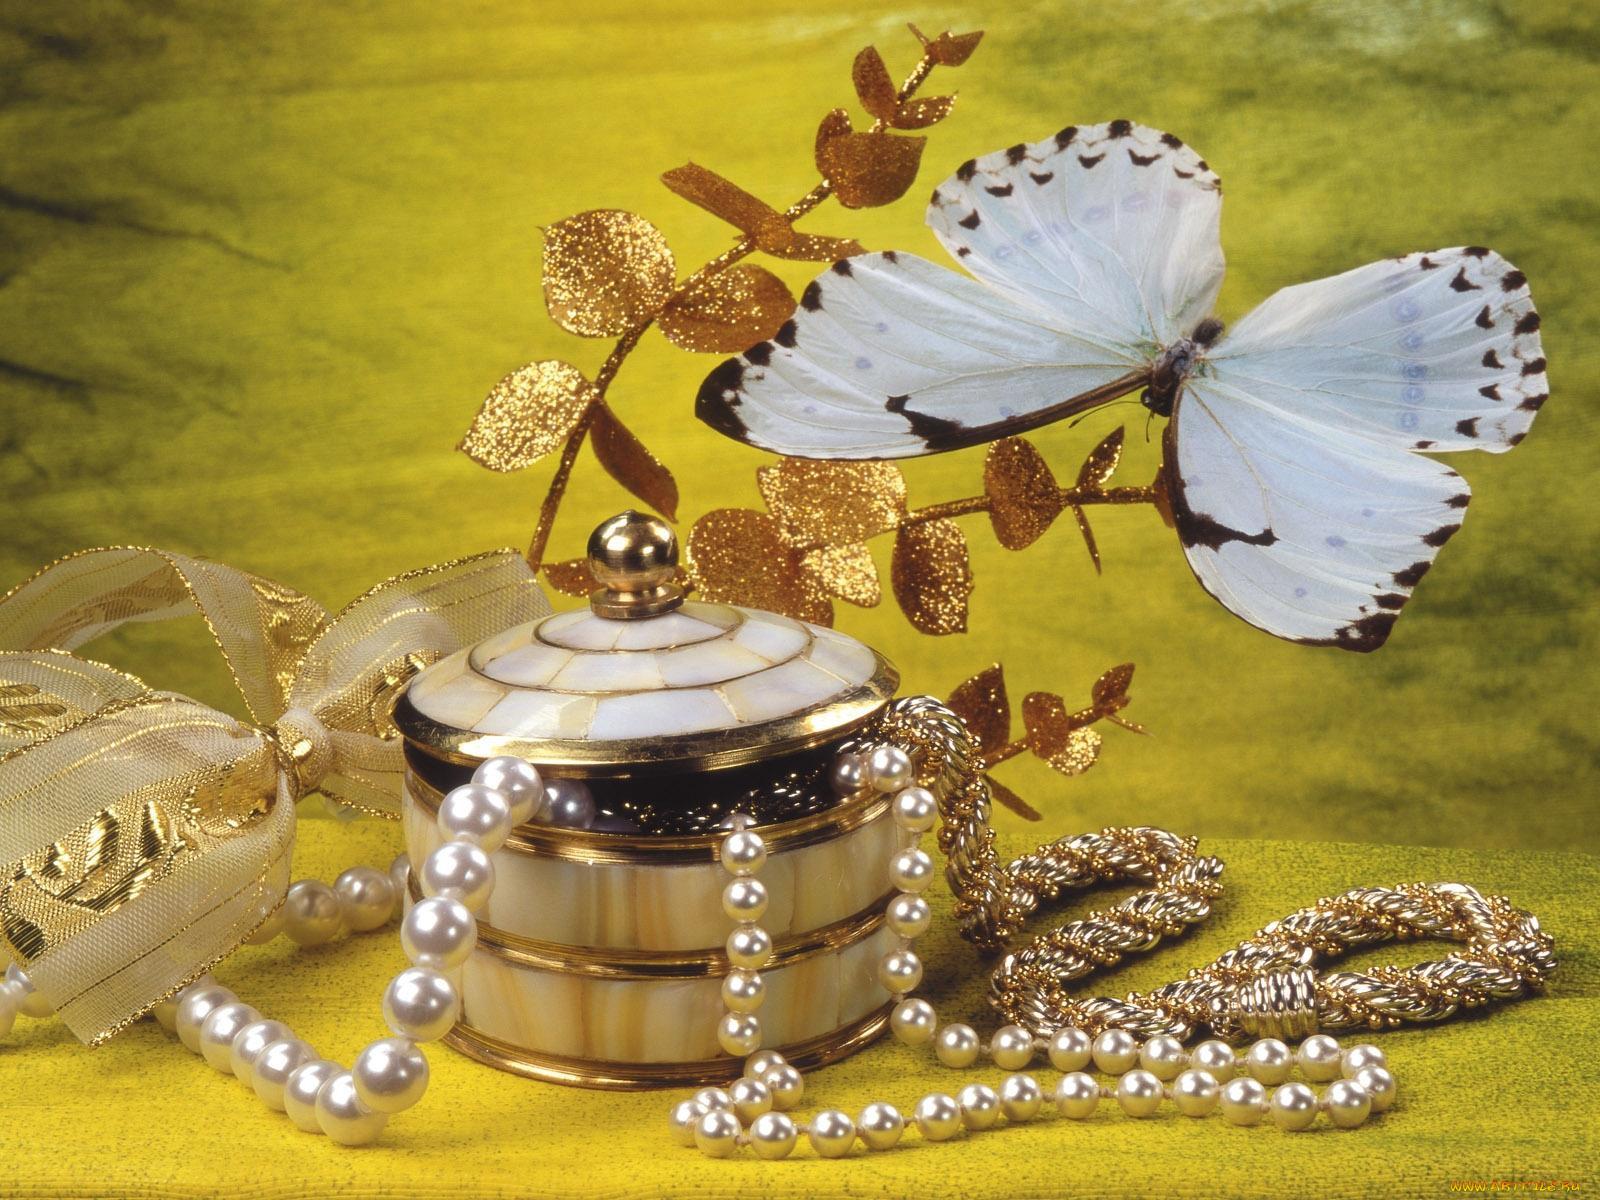 загорская поздравления к подарку ювелирные изделия того как